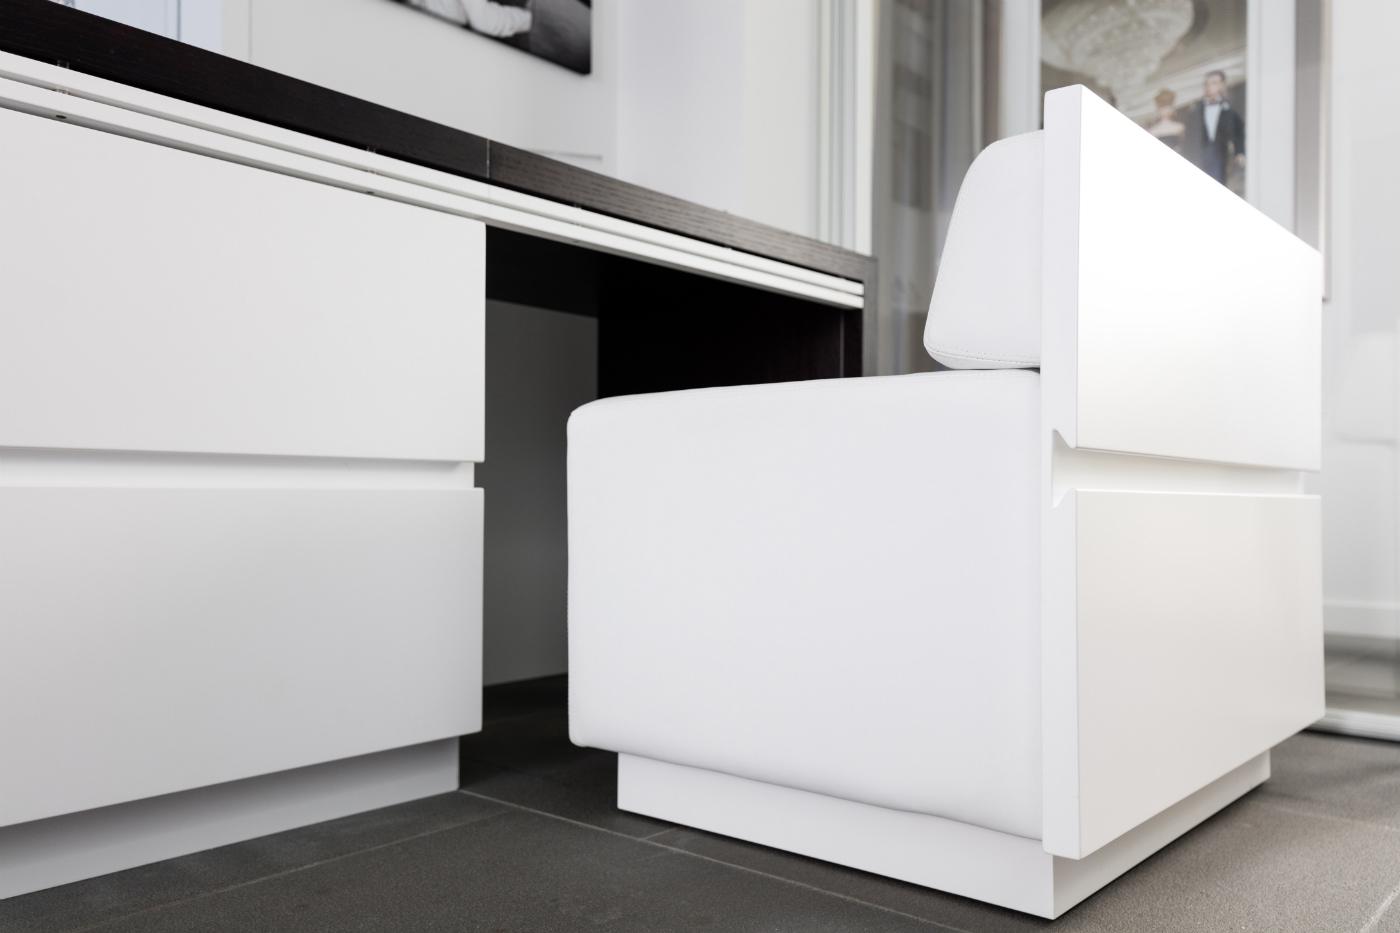 bureau encastrable bureau enfant vera pas cher mobilier chambre enfant meubles de rangement 17. Black Bedroom Furniture Sets. Home Design Ideas